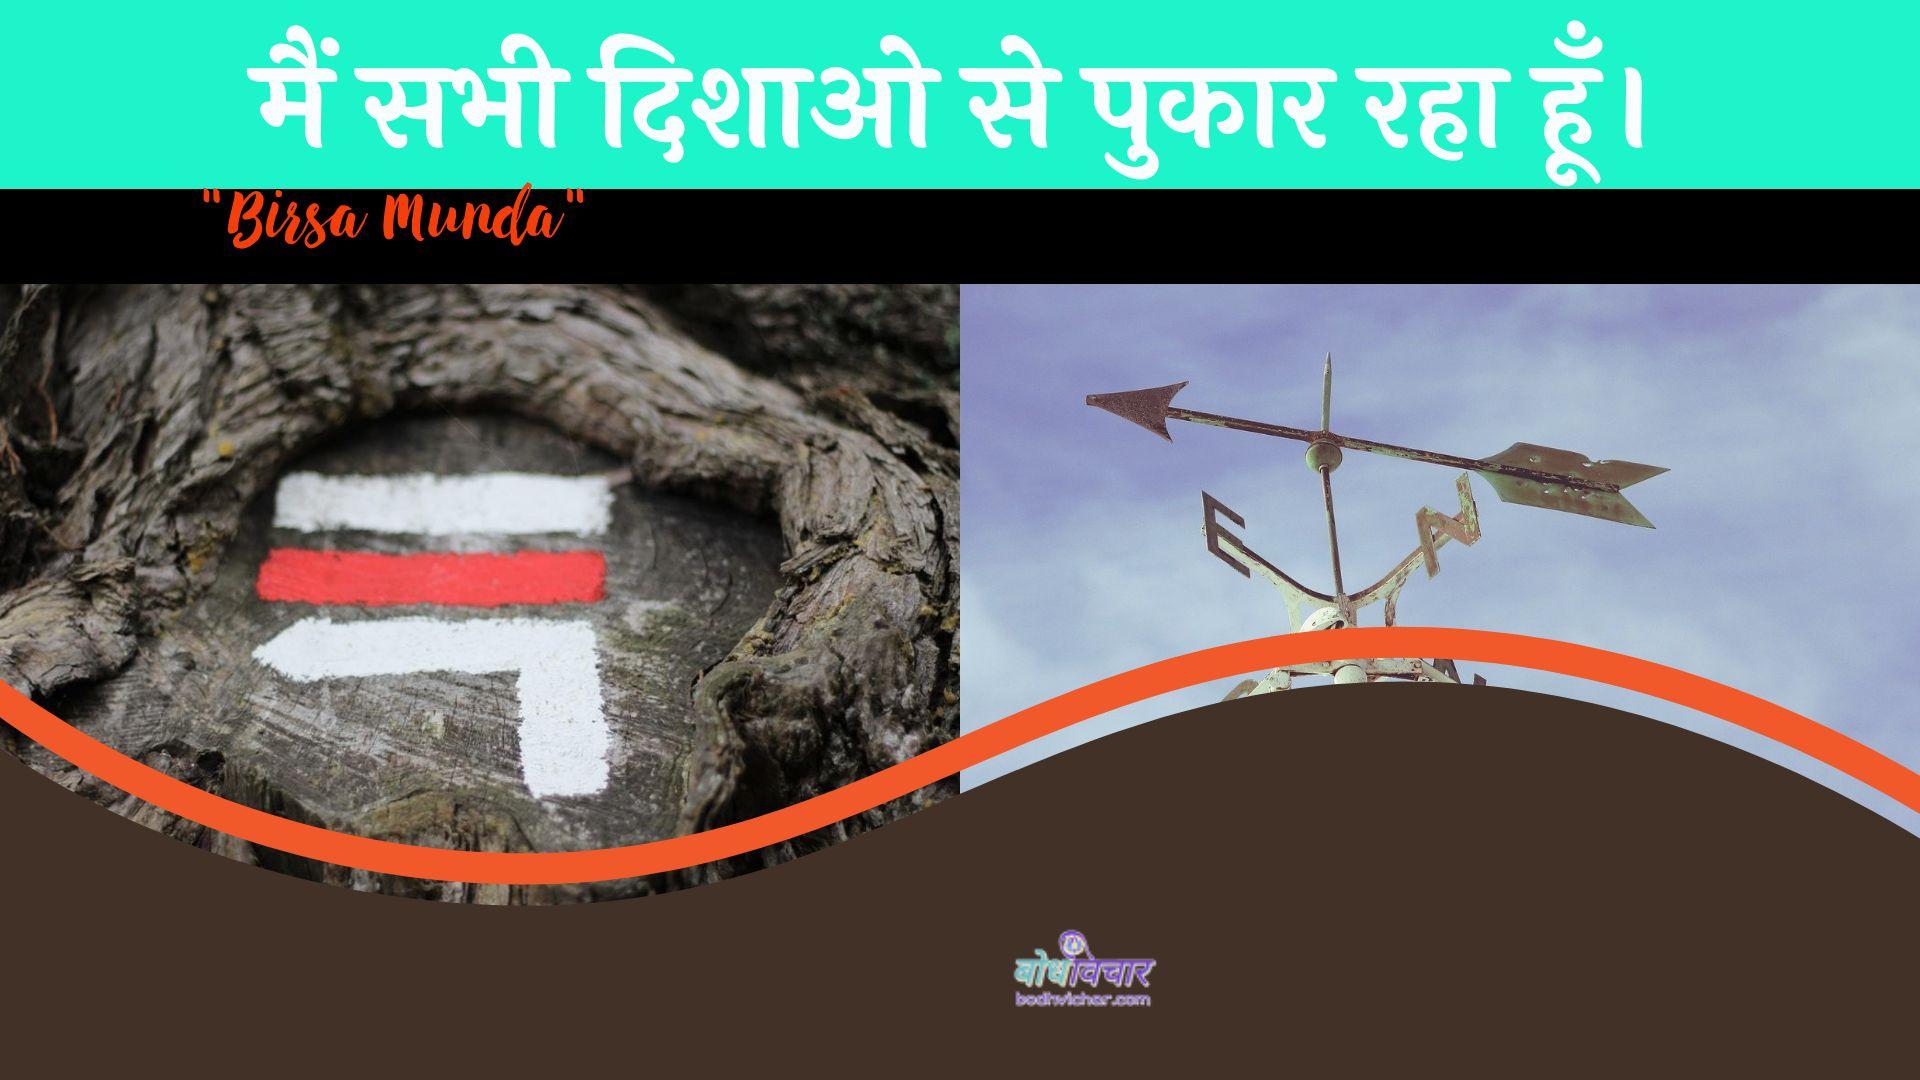 मैं सभी दिशाओ से पुकार रहा हूँ। : Main sabhee dishao se pukaar raha hoon. - बिरसा मुण्डा